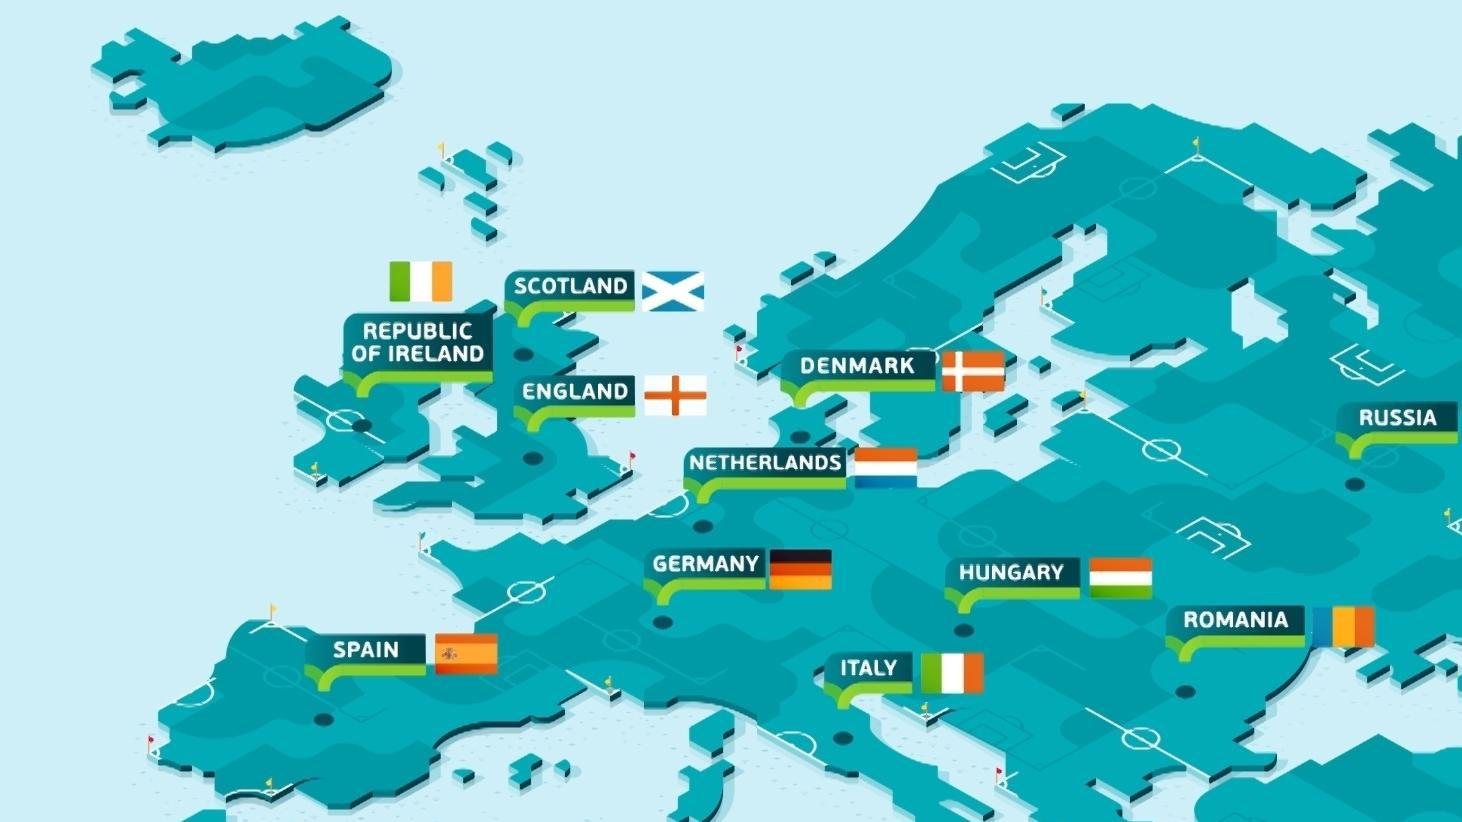 Olympic và Euro 2020 có thể toang vì Covid-19: Những giải đấu kỳ quái và buồn tẻ nhất lịch sử? - Ảnh 3.